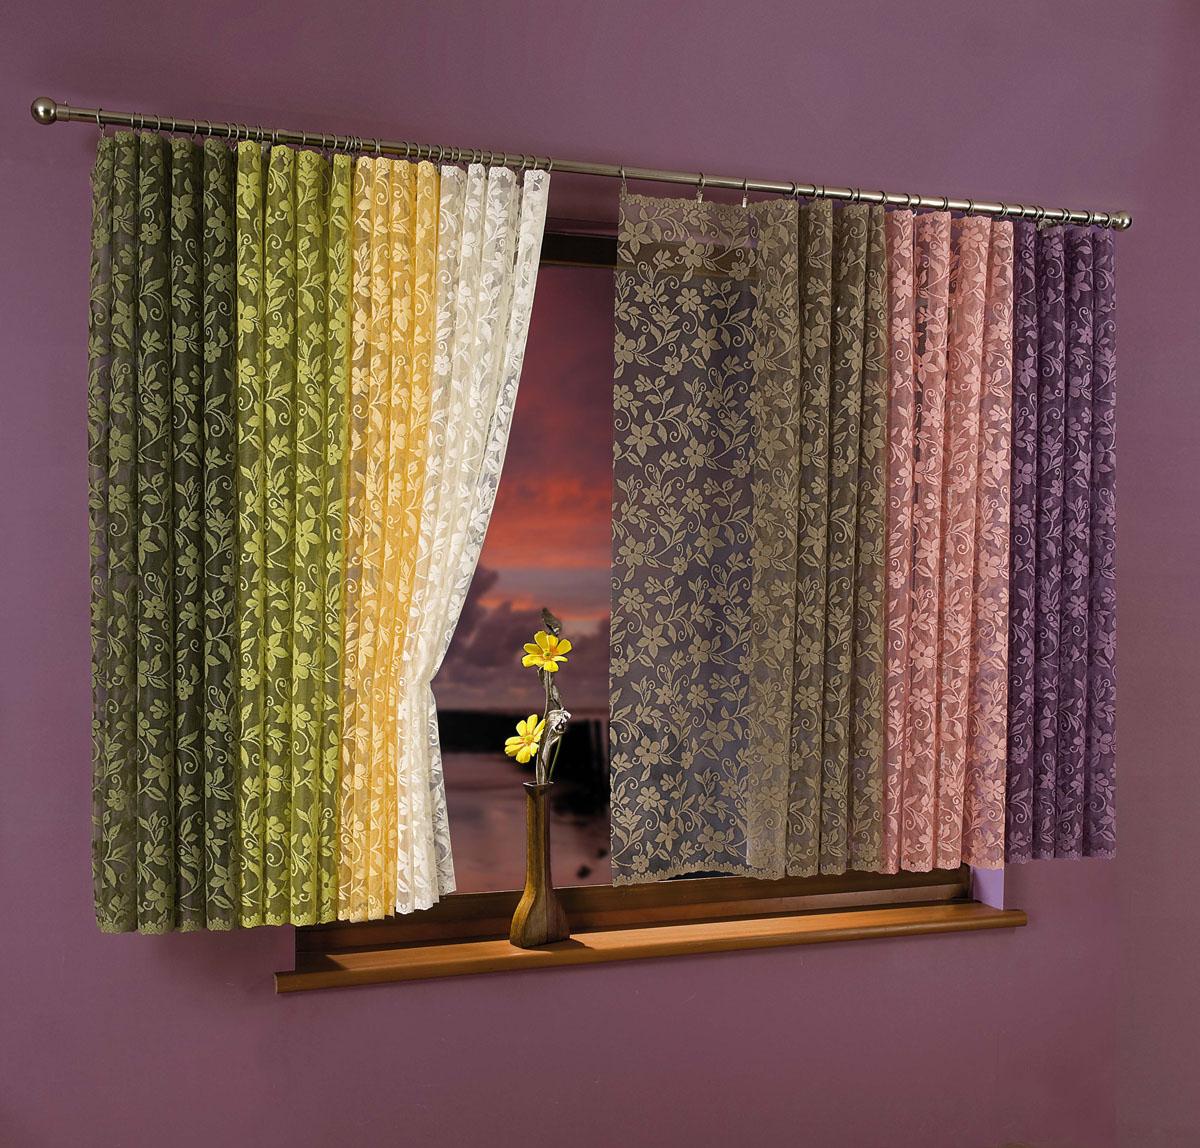 Гардина-тюль Kwiat Jabloni, на ленте, цвет: кремовый, высота 250 см734795Воздушная гардина-тюль Kwiat Jabloni, изготовленная из полиэстера кремового цвета, станет великолепным украшением любого окна. Тонкое плетение, оригинальный дизайн и приятная цветовая гамма привлекут к себе внимание и органично впишутся в интерьер комнаты. В гардину-тюль вшита шторная лента.